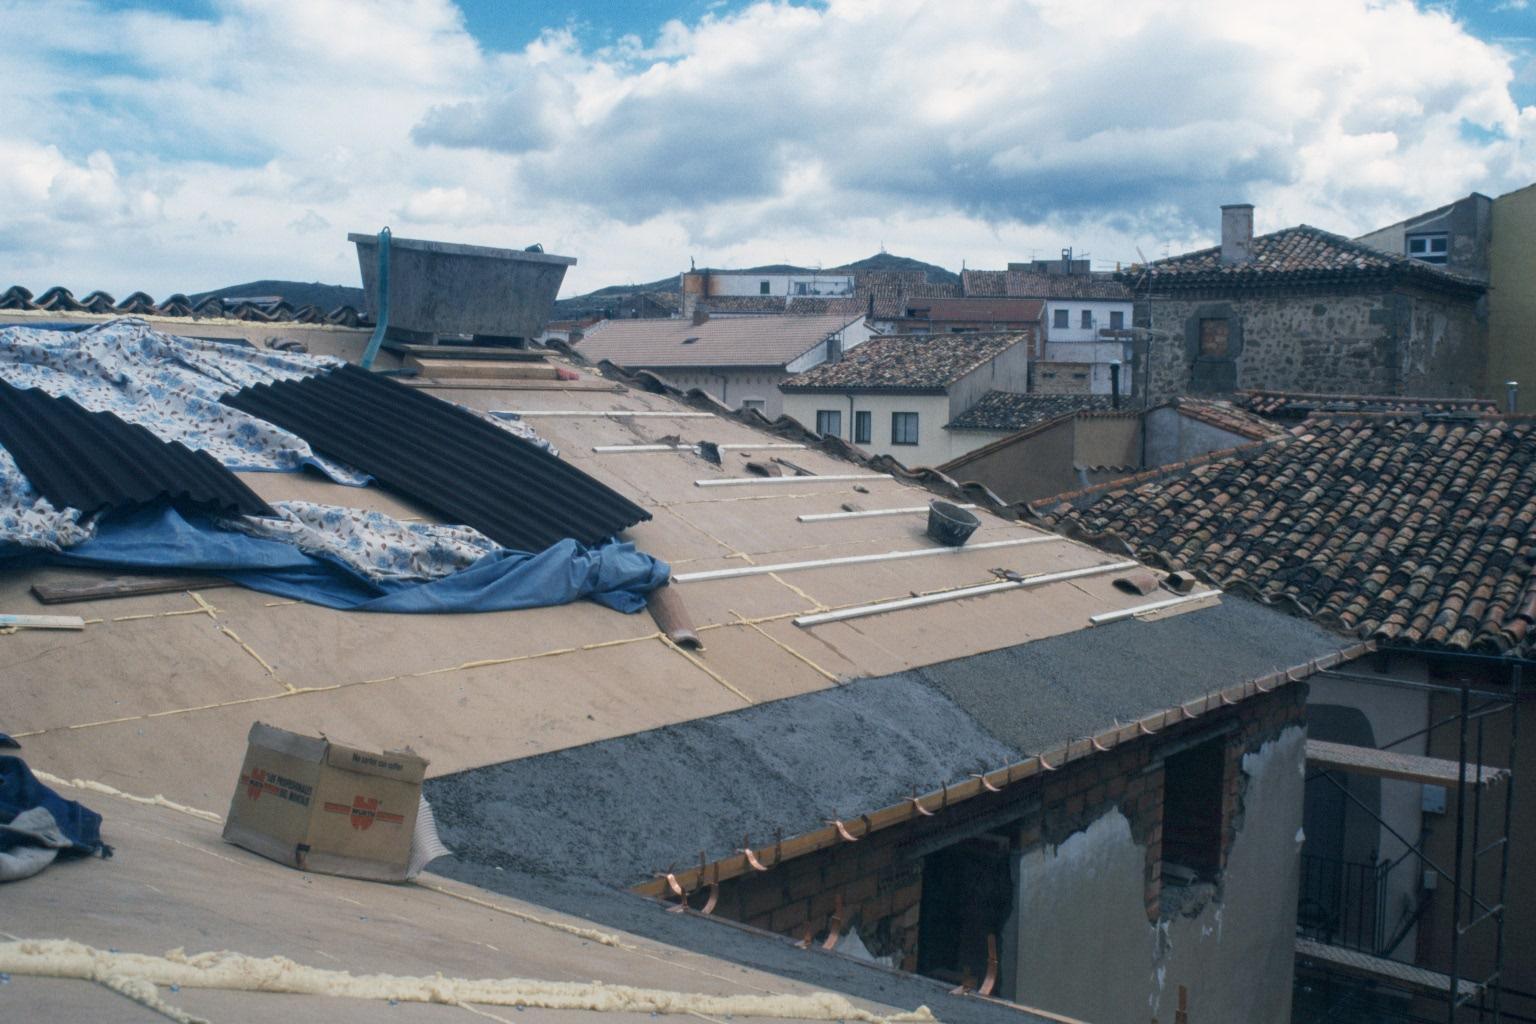 Rehabilitacion energetica de cubiertas